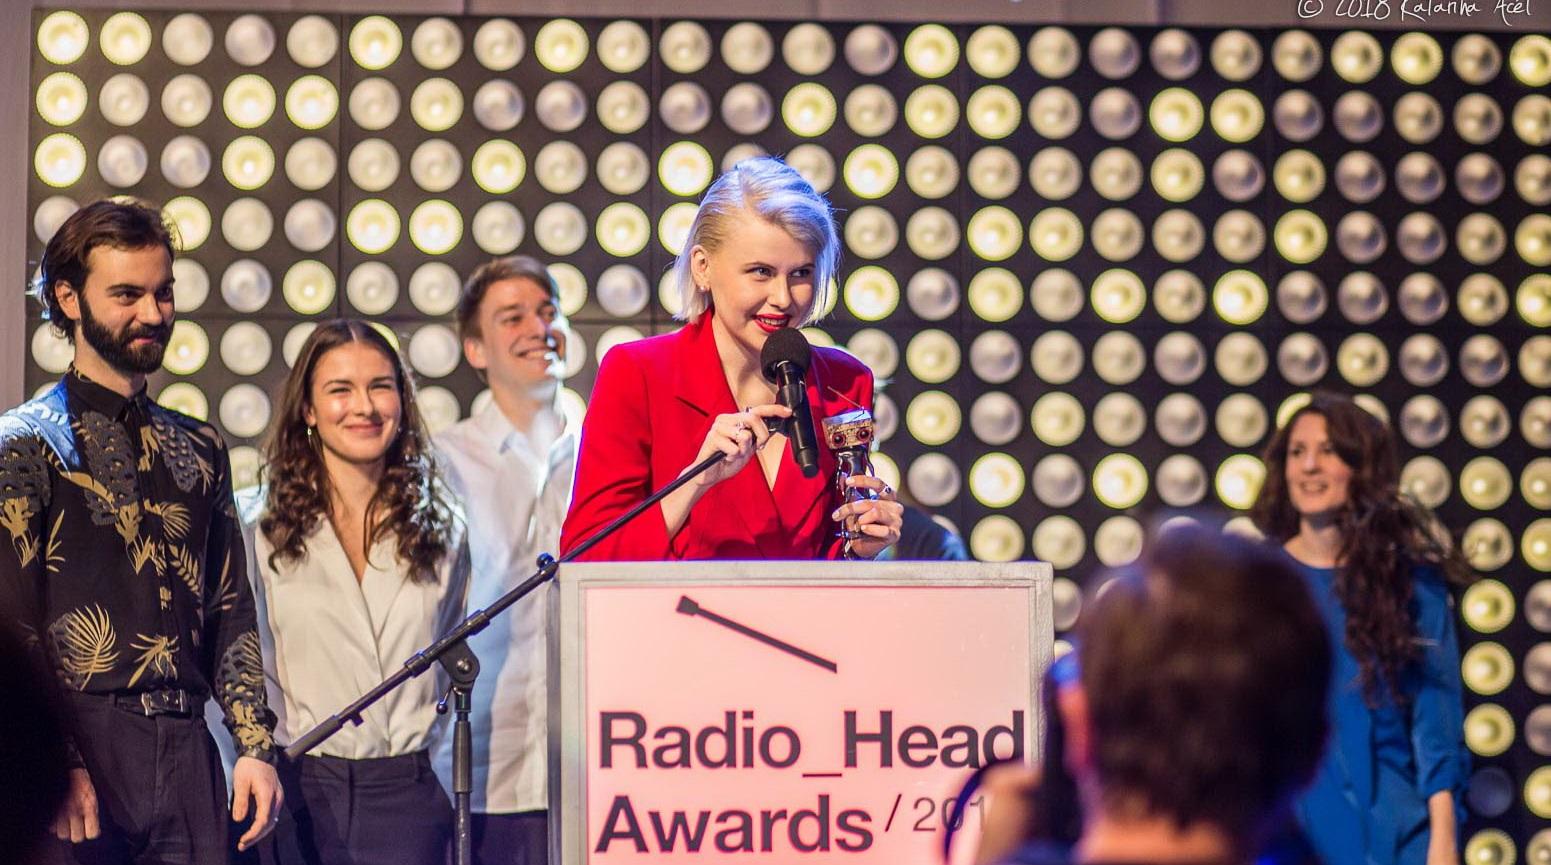 Pozreli sme sa na Radio_Head Awards aj z pohľadu videoklipov